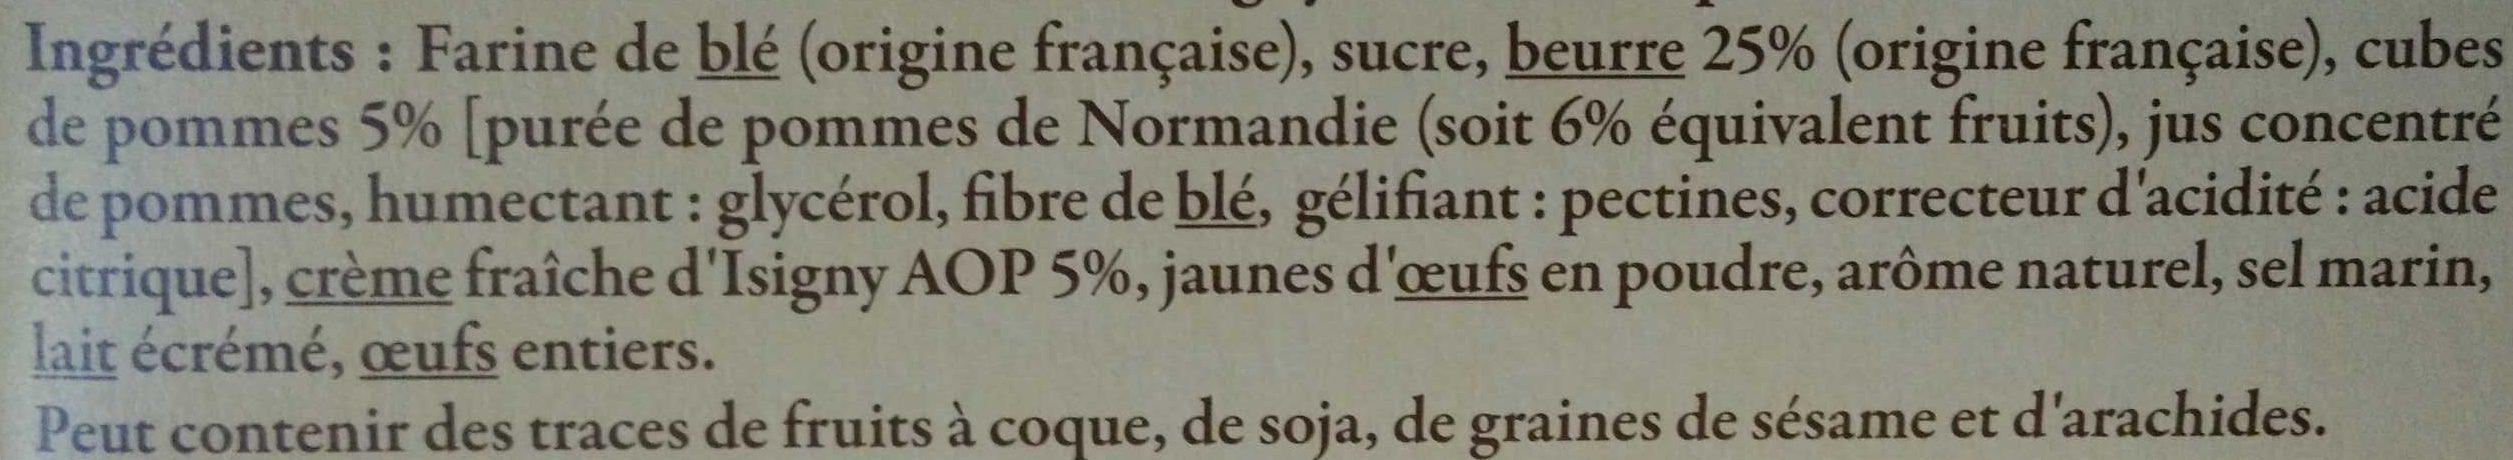 Sablés aux pommes à la crème fraîche d'Isigny AOP et au beurre - Ingredients - fr